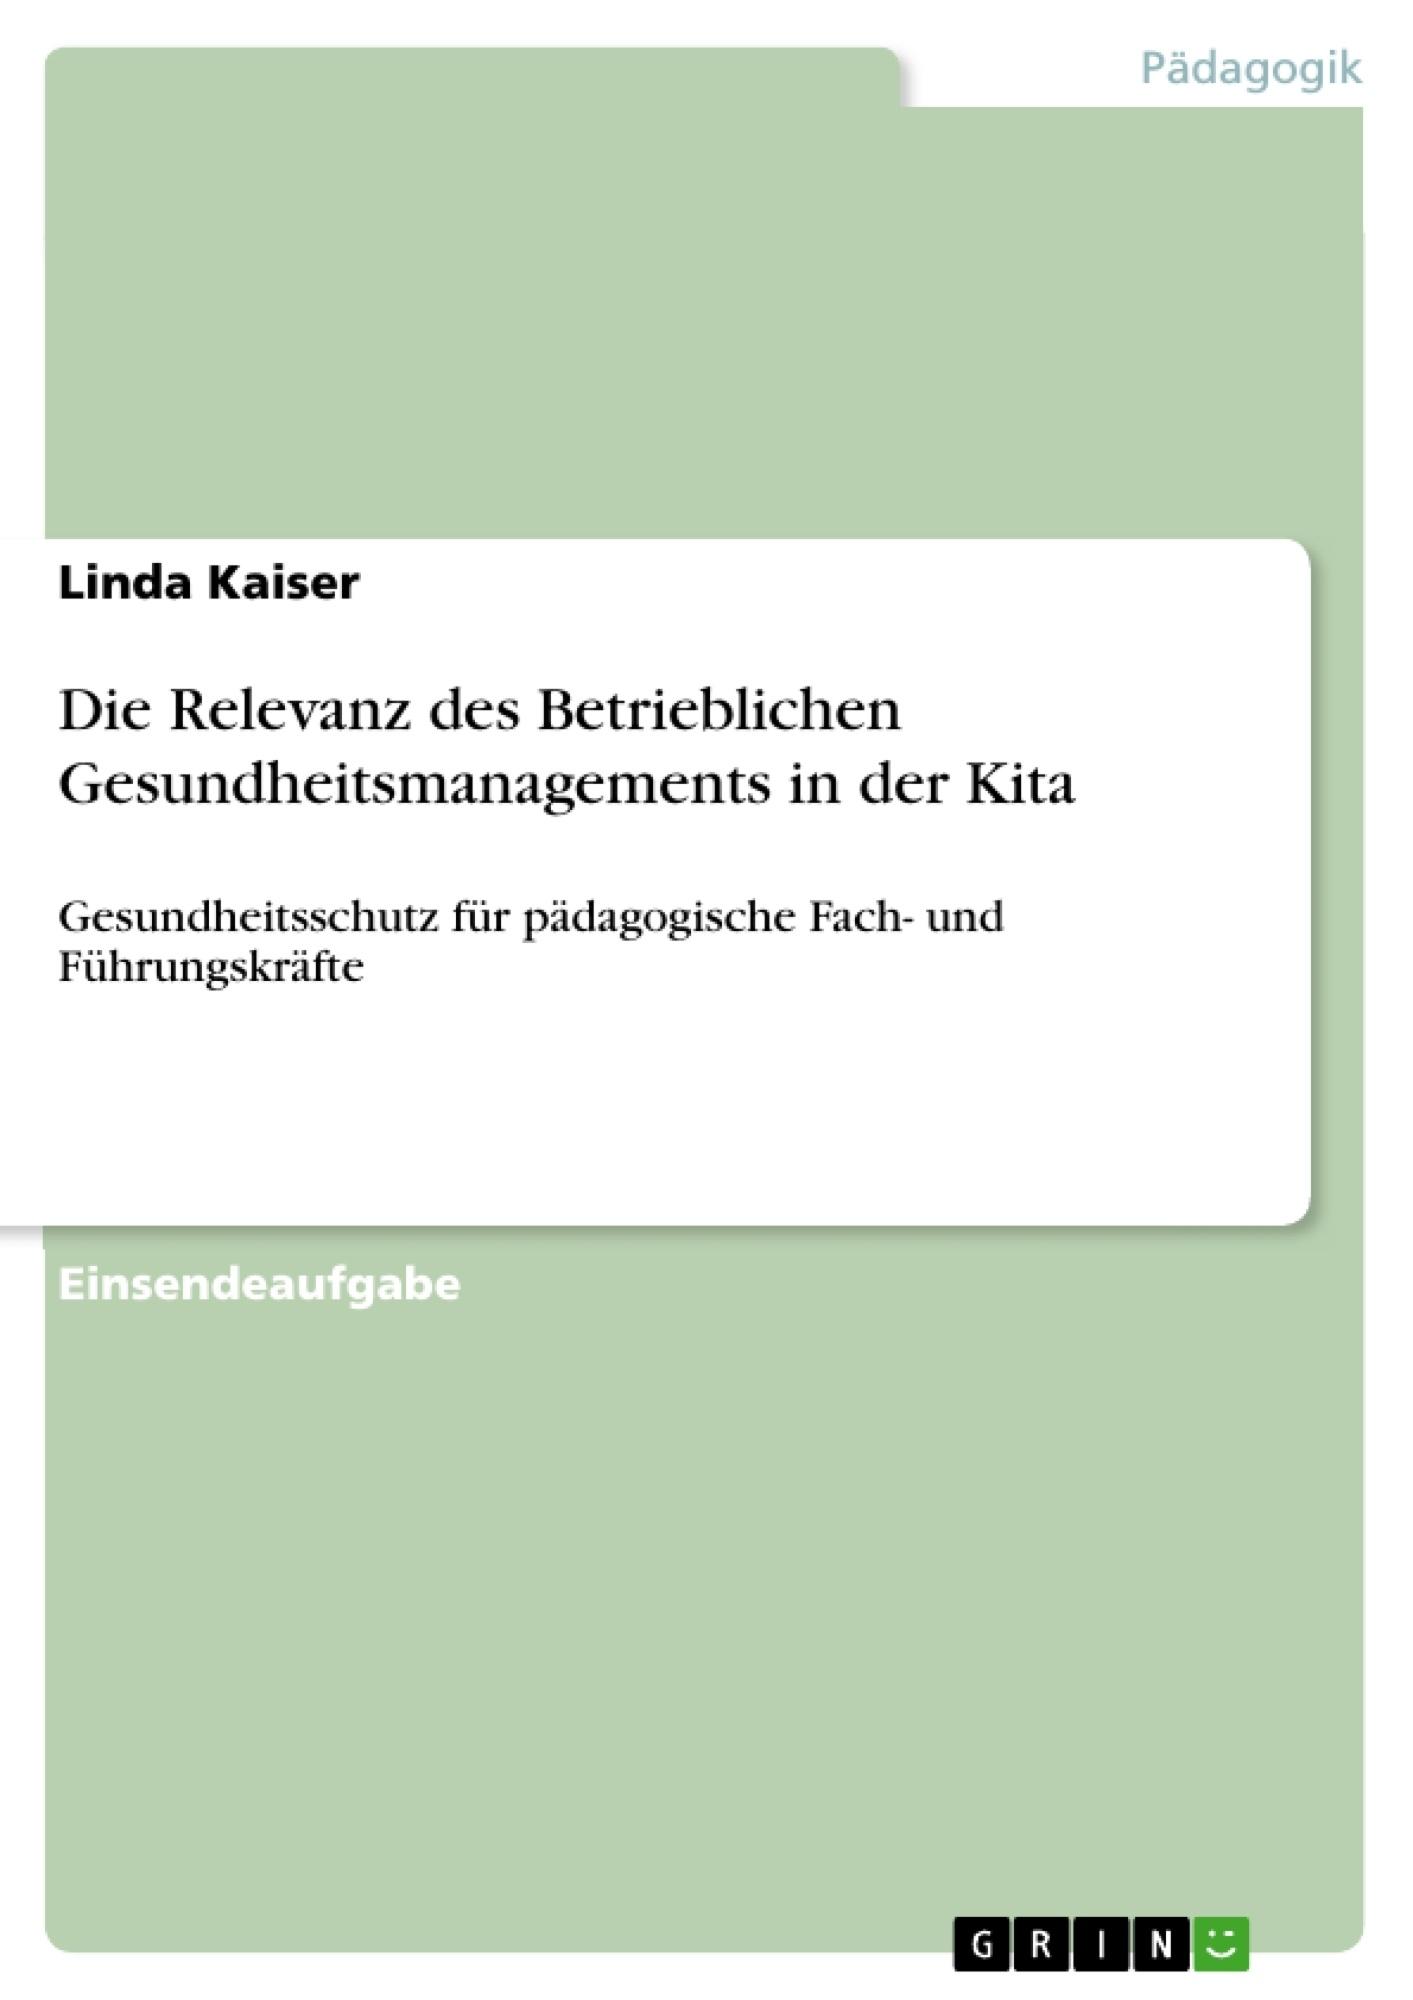 Titel: Die Relevanz des Betrieblichen Gesundheitsmanagements in der Kita